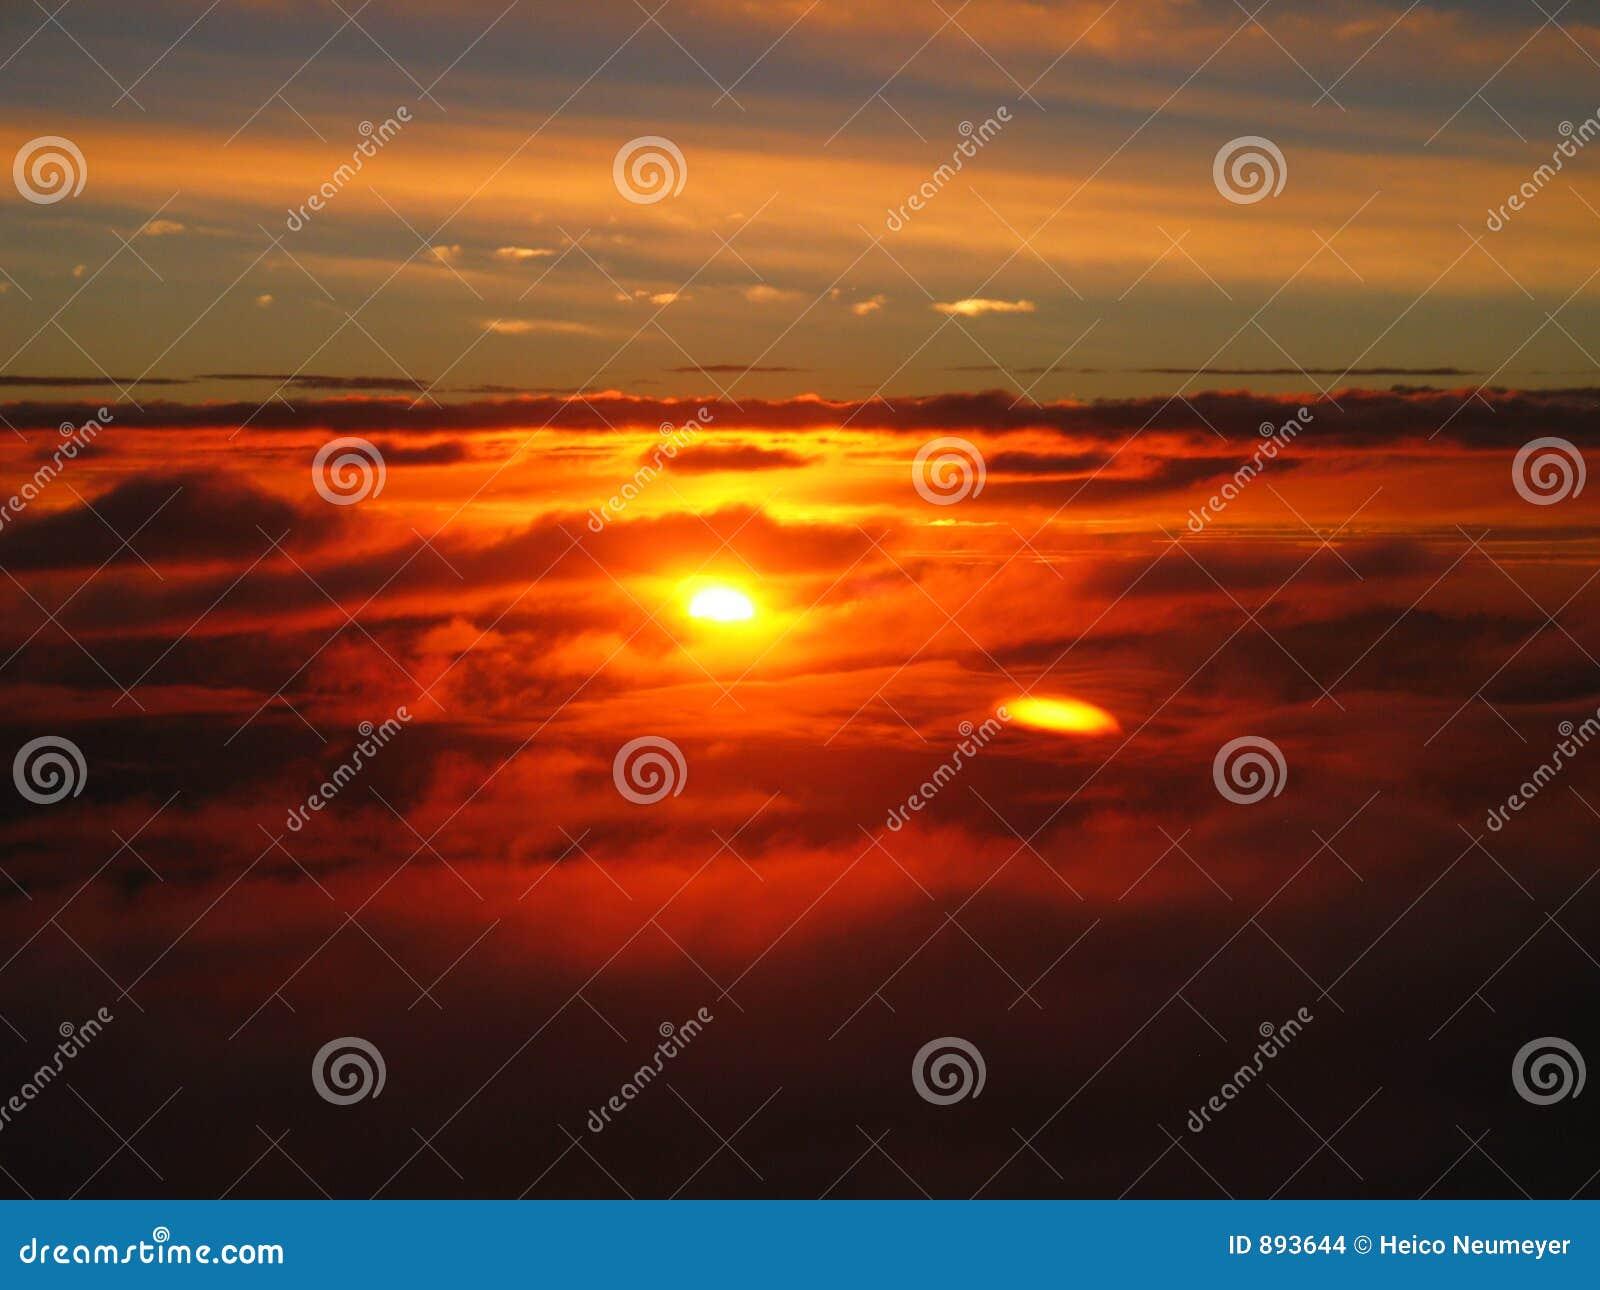 Cudowny skyscape słońca